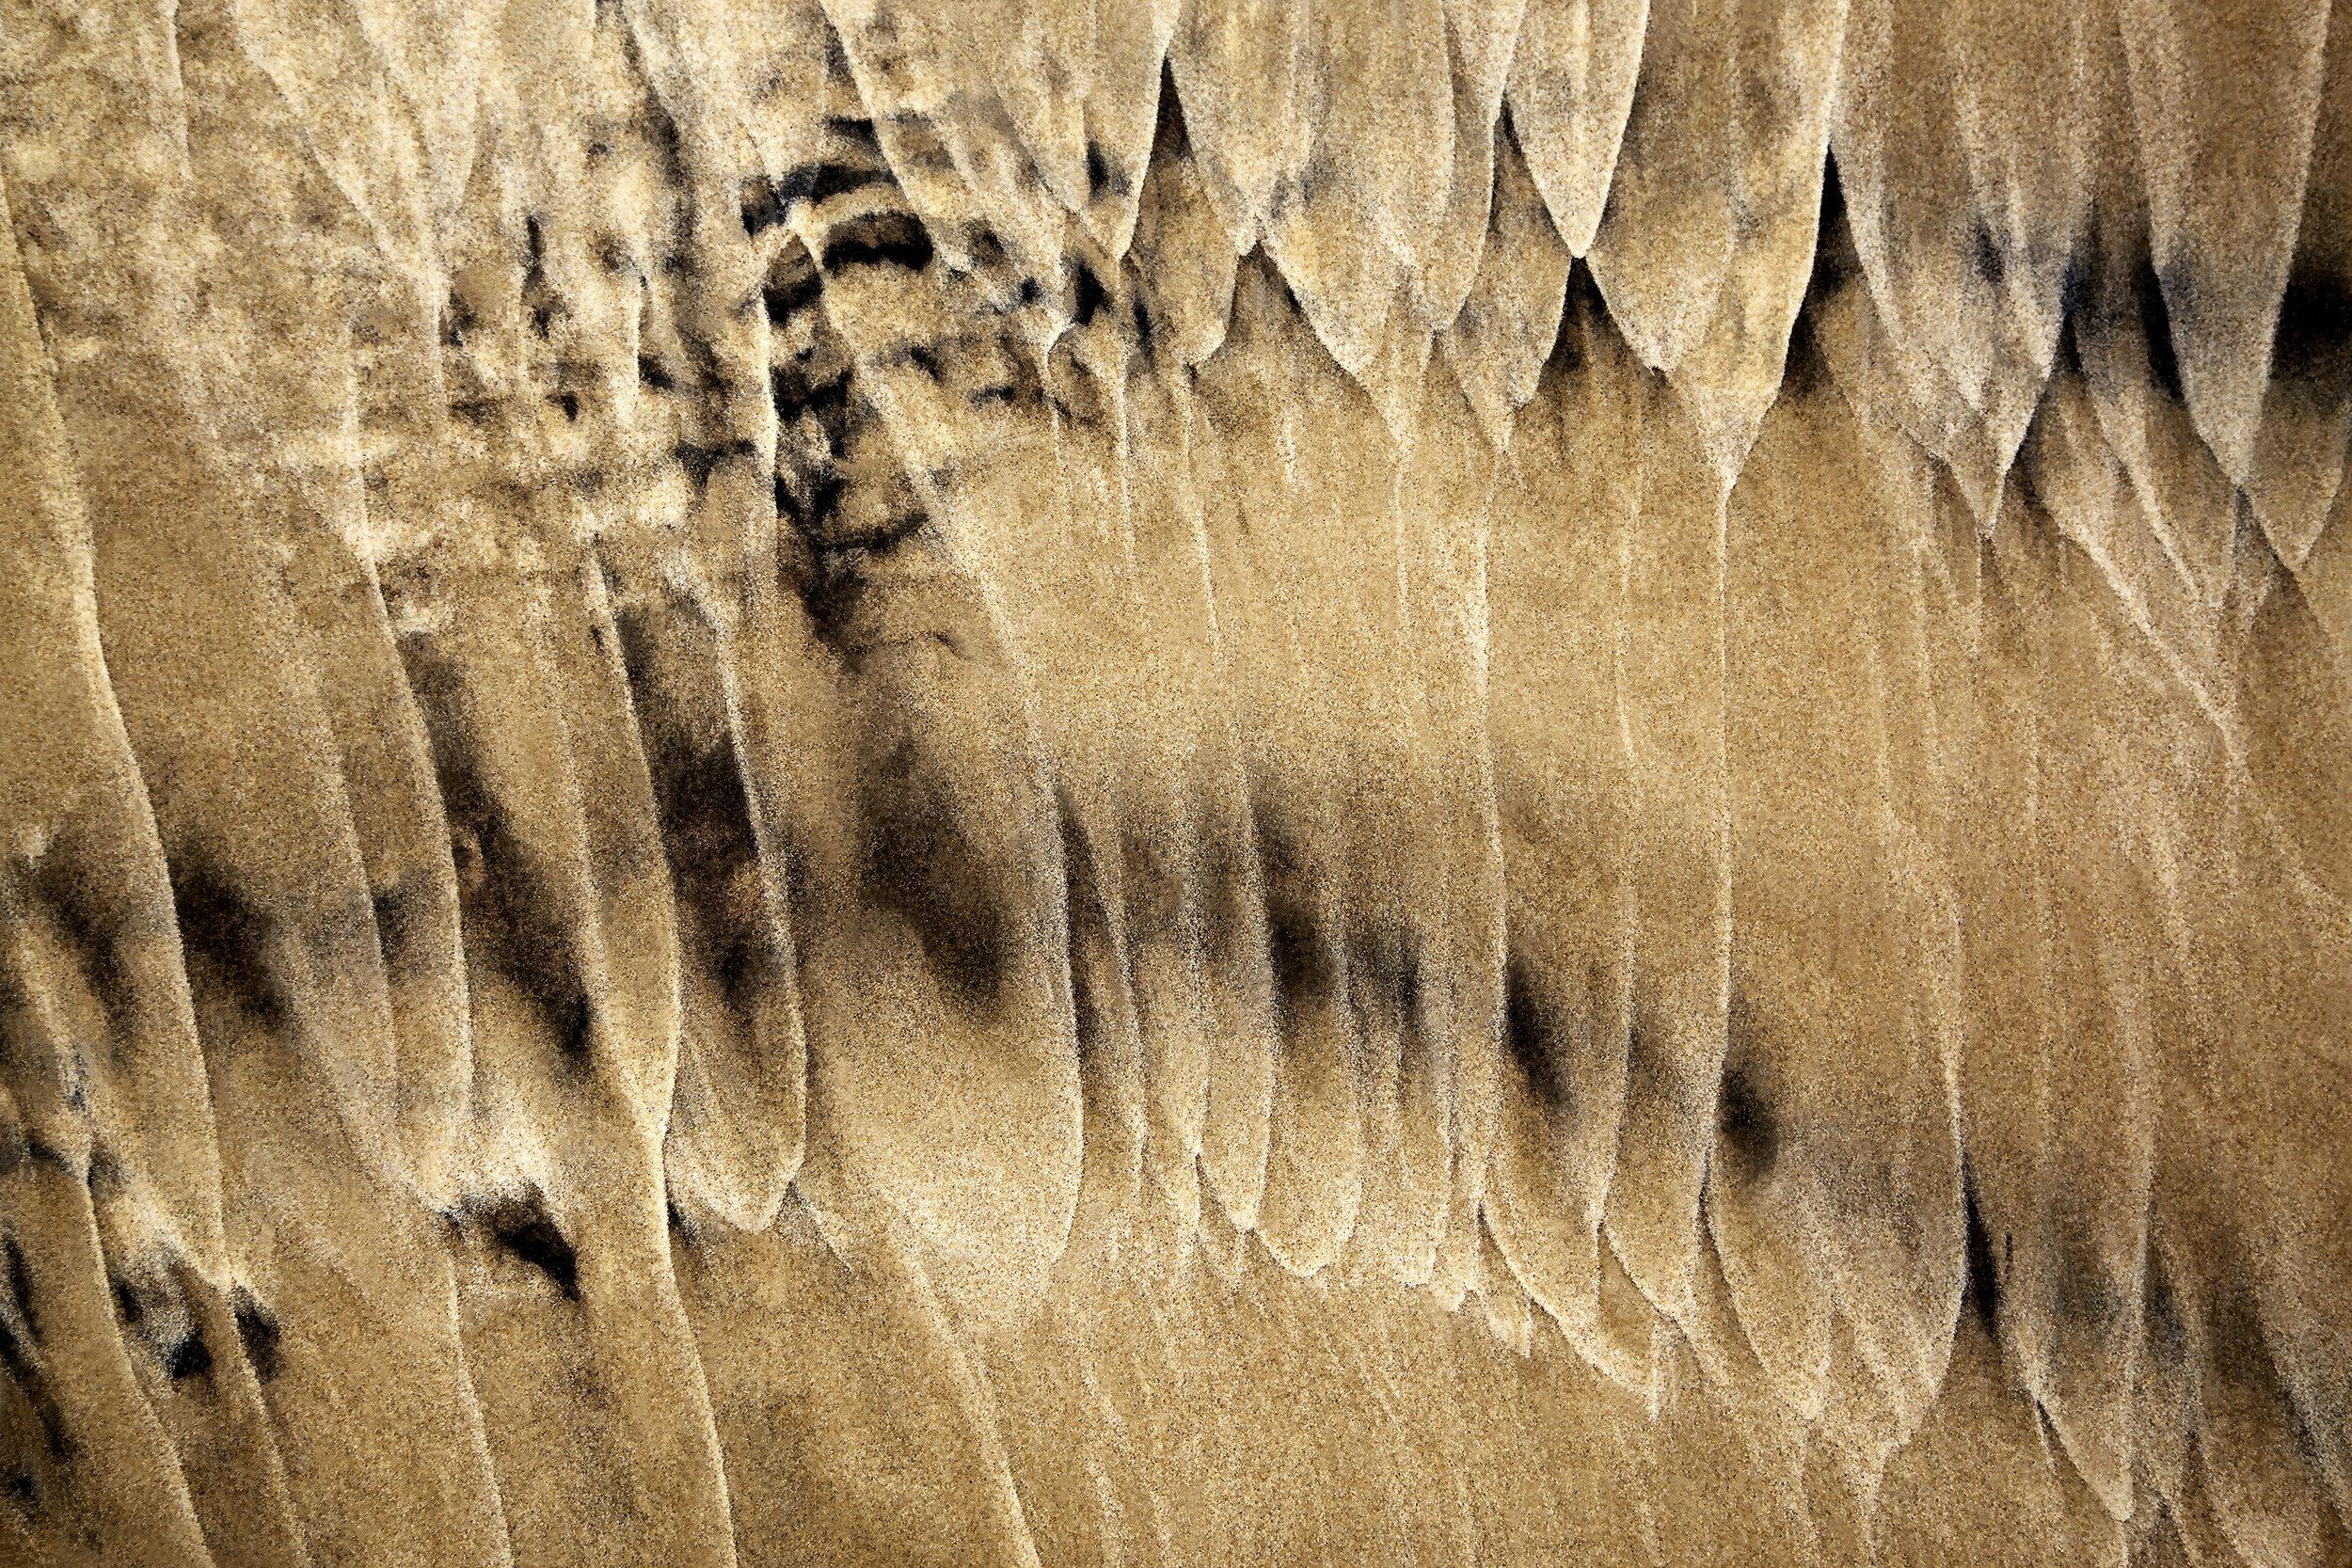 Terra Tracing 14, 2015, Hahnemuele photo rag, 20 x 30 in, edition of 15 (13 available), $1,700; 26 x 39 in, edition of 15 (14 available), $2,800